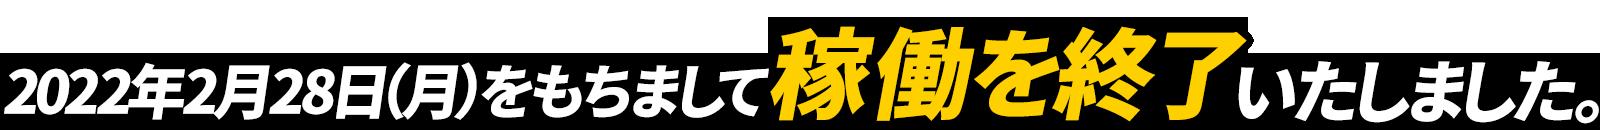 全国のゲームセンターで2020年1月22日稼働開始!